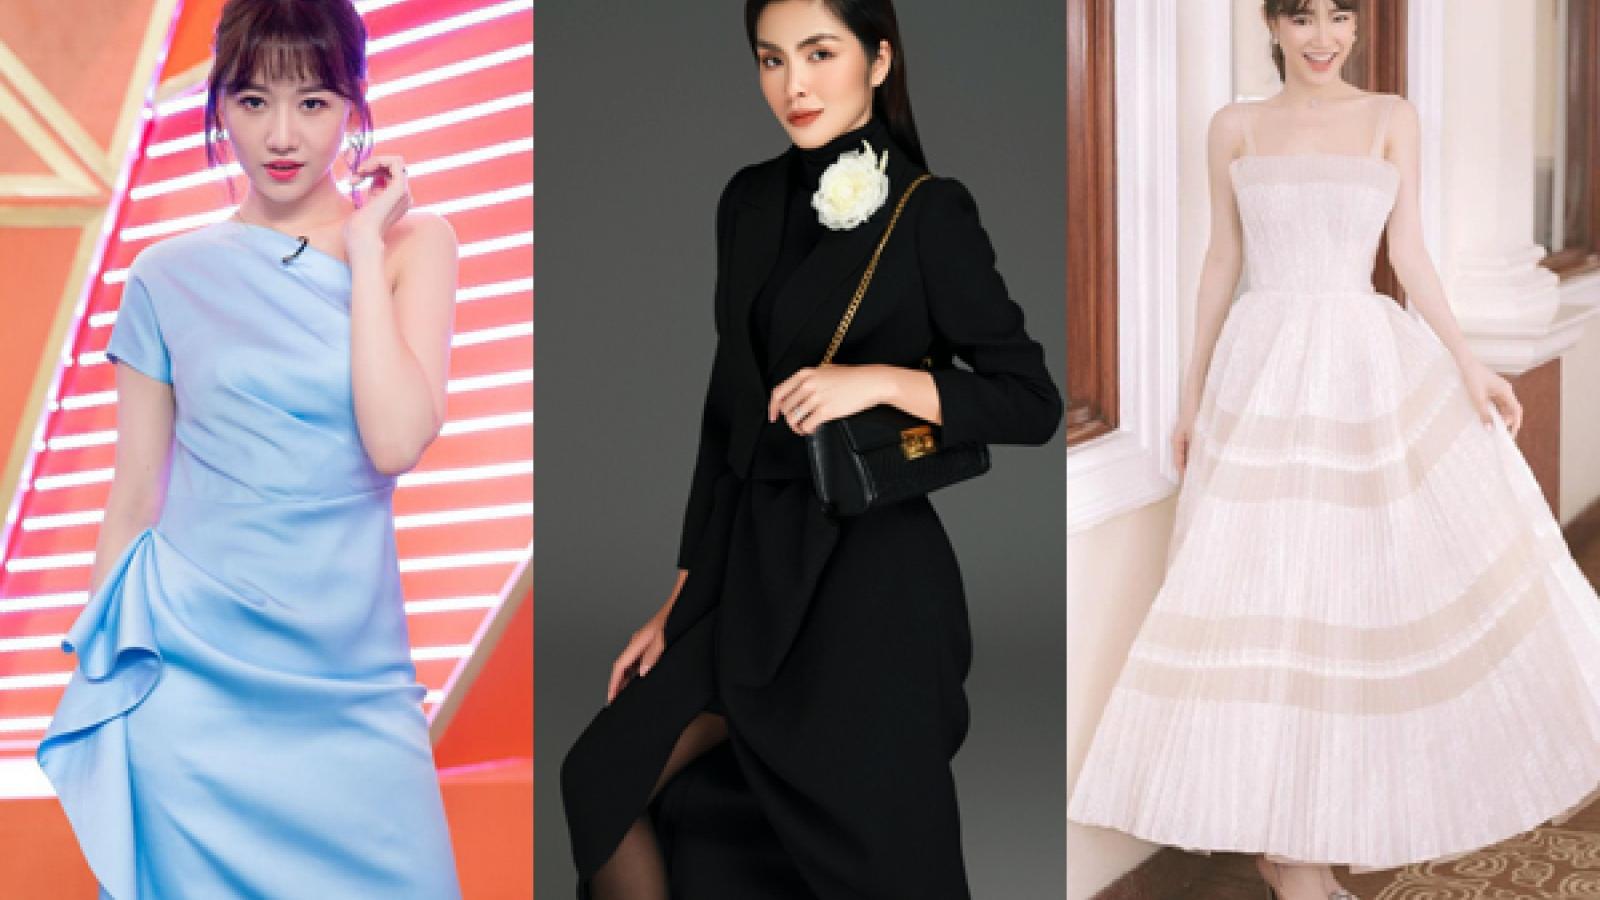 Sao Việt sau kết hôn: Hari Won đắt show, Nhã Phương đẹp mặn mà, bất ngờ nhất Tăng Thanh Hà